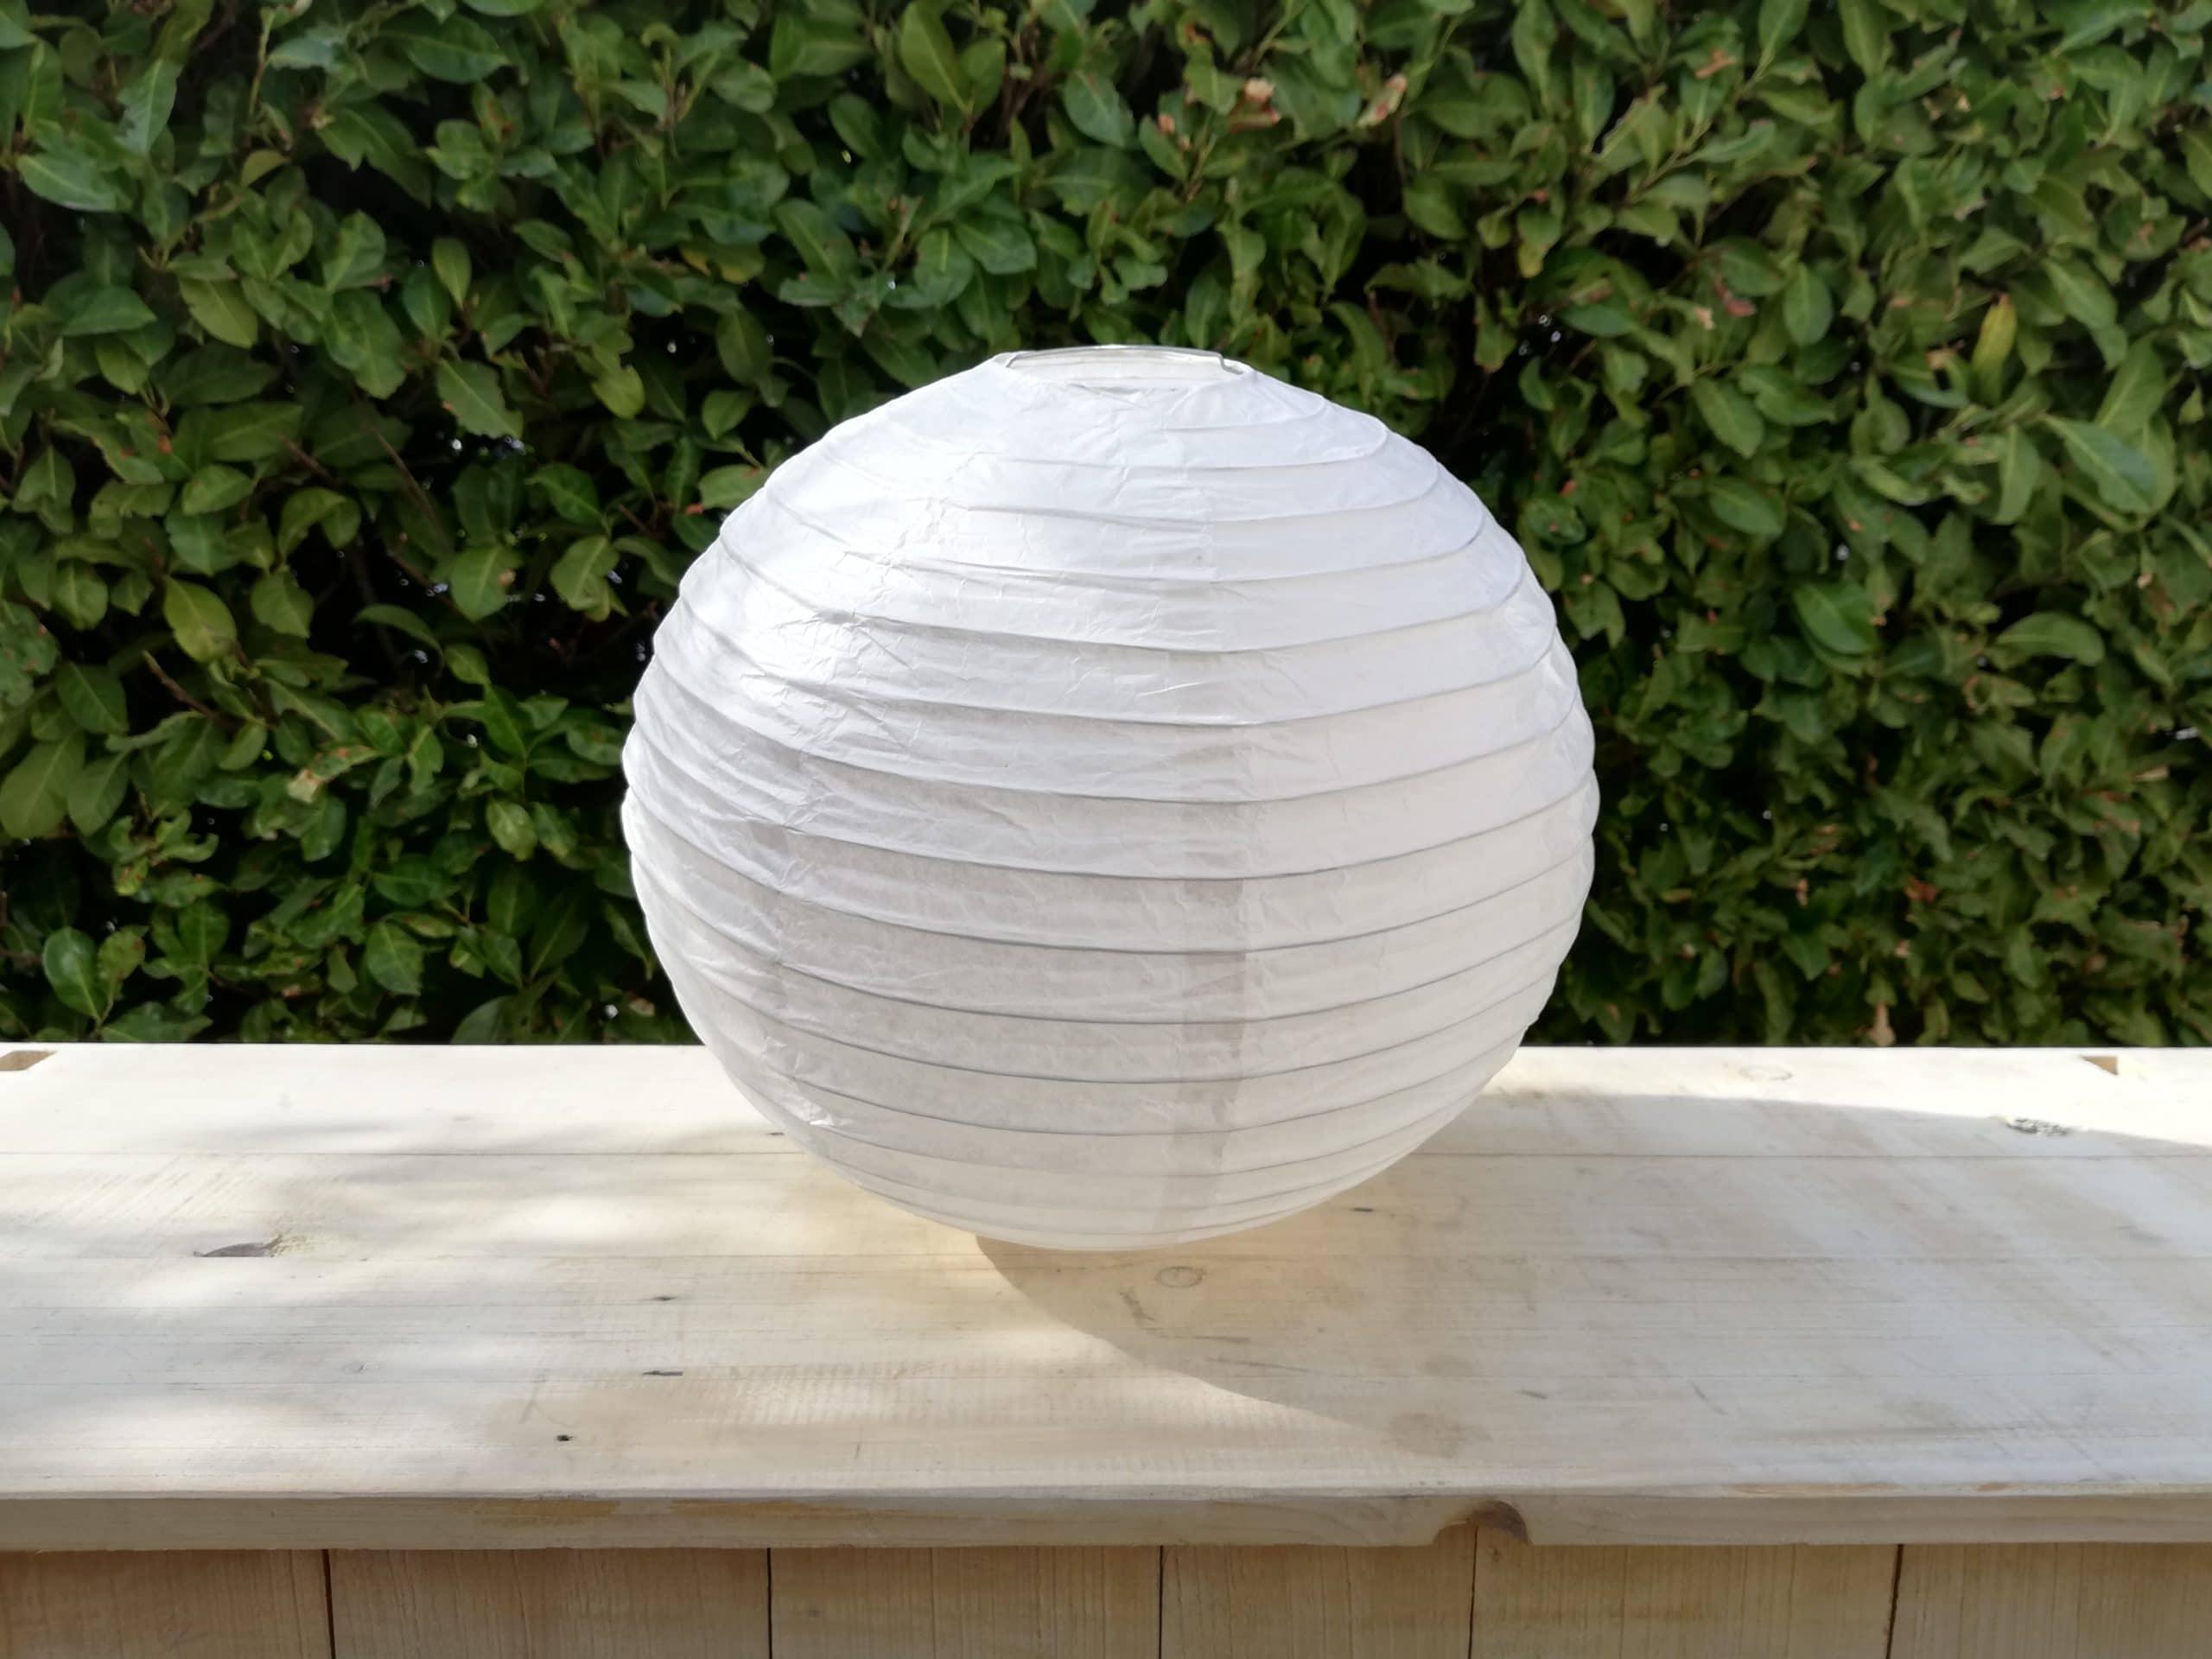 location de boules chinoises blanches pour décoration de mariage proposées par esprit pop'up